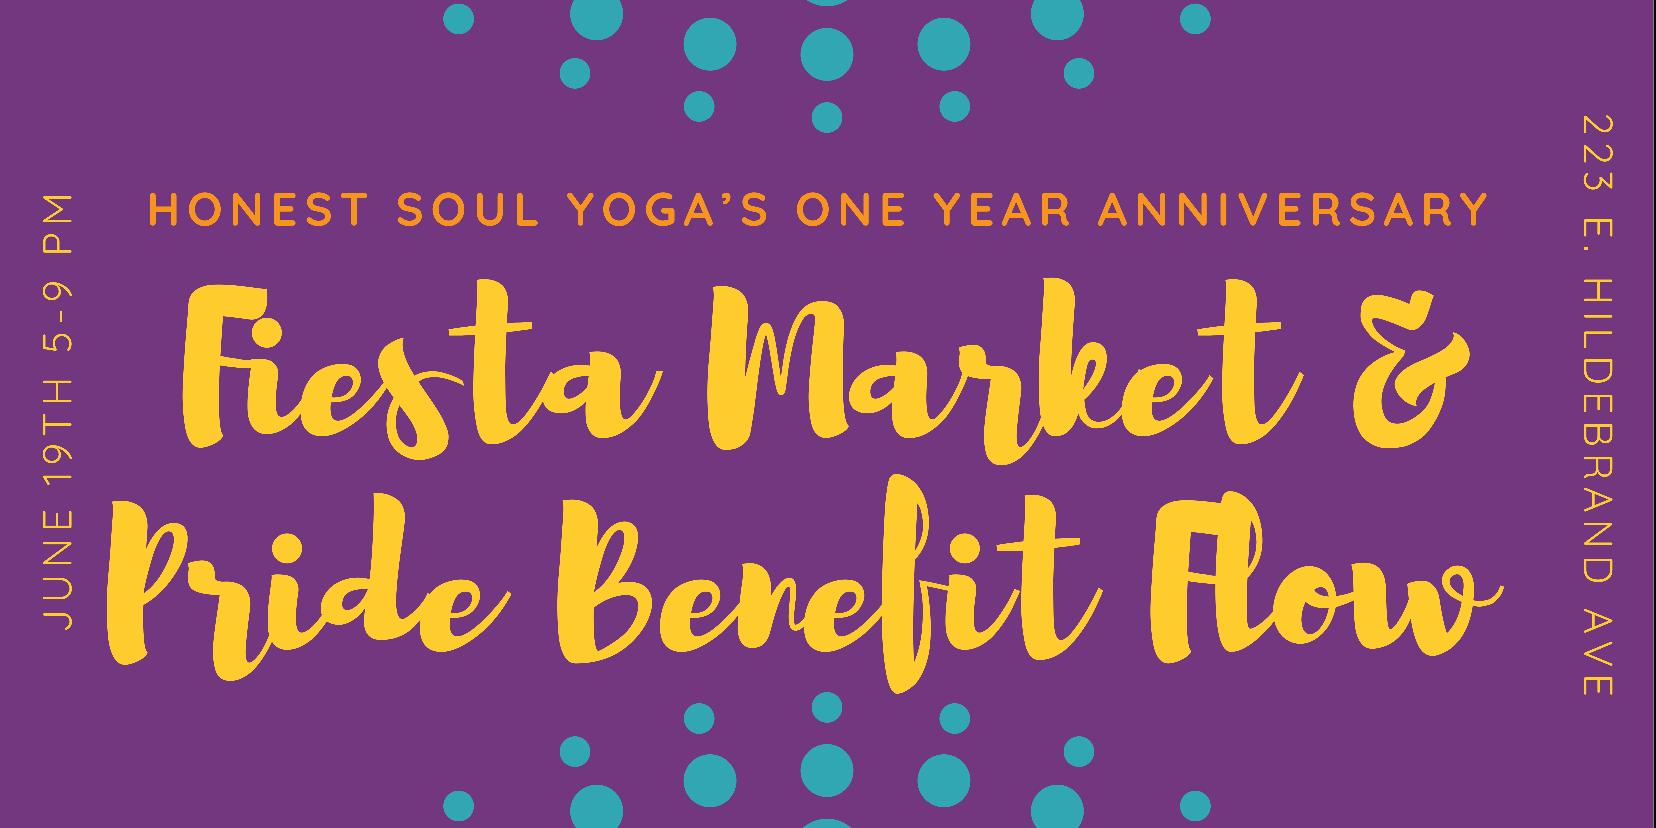 Shop Local Market: Fiesta Edition at Honest Soul Y...